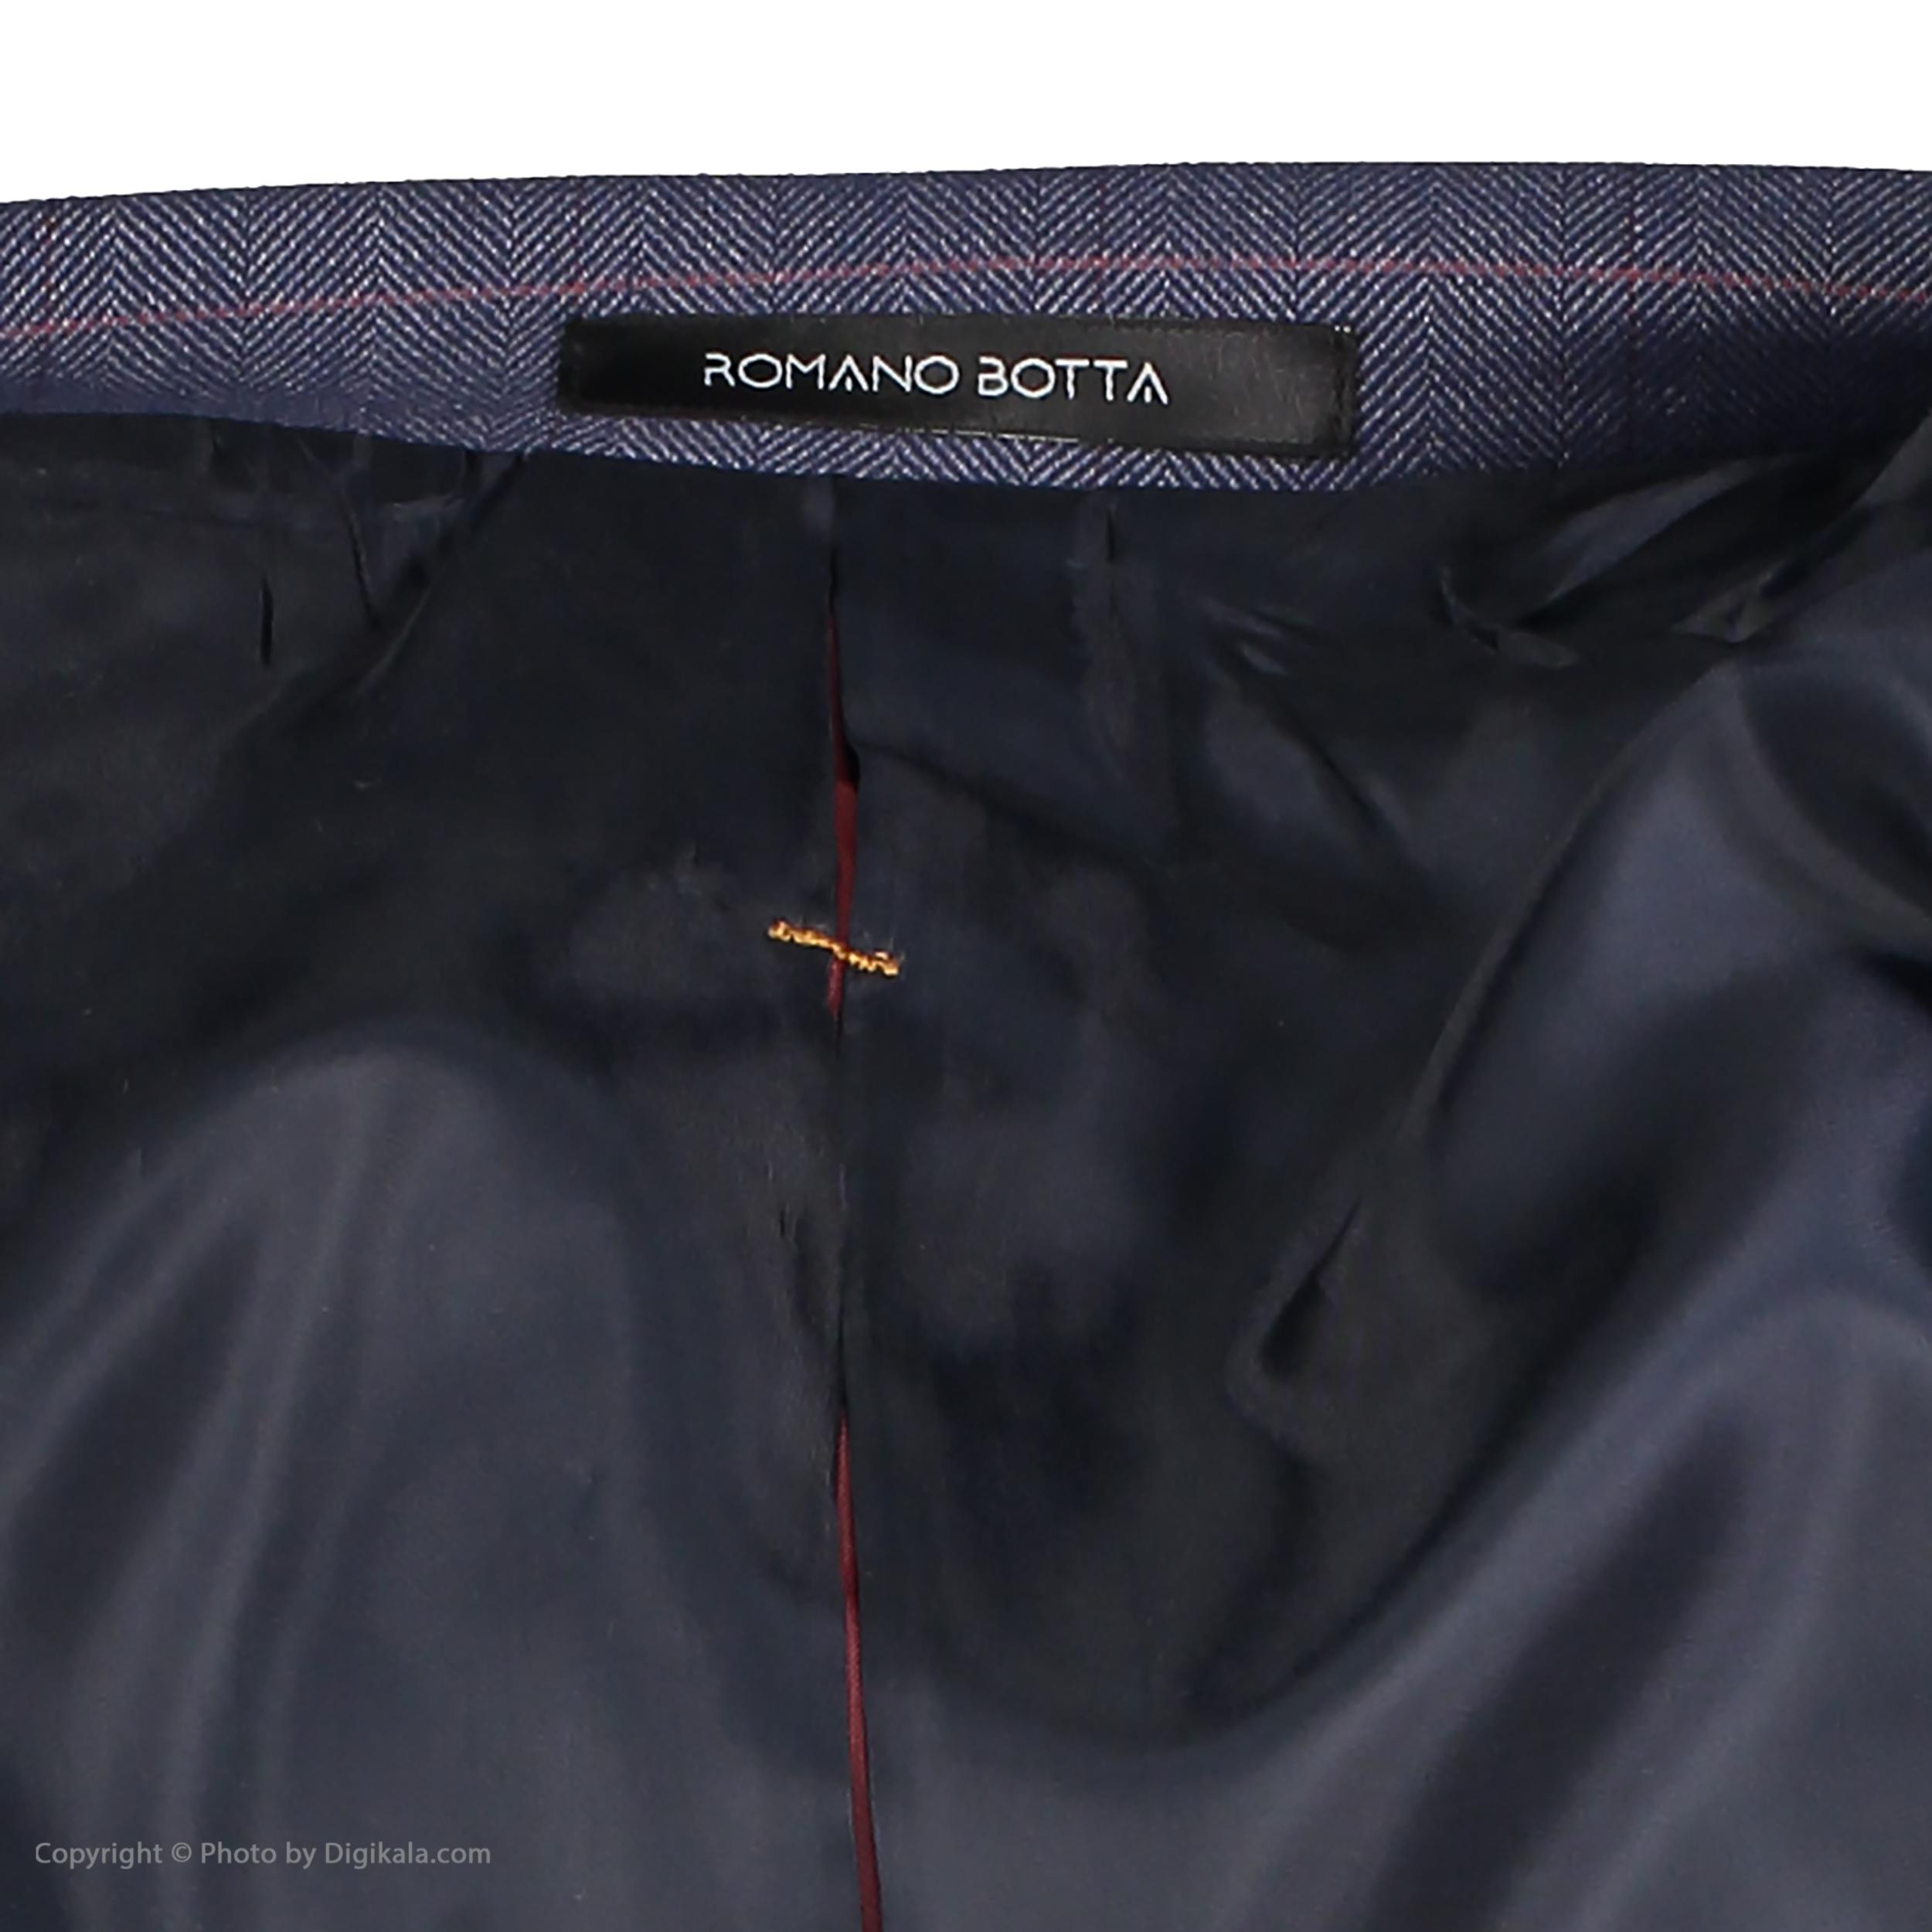 کت تک مردانه رومانو بوتا مدل gh175